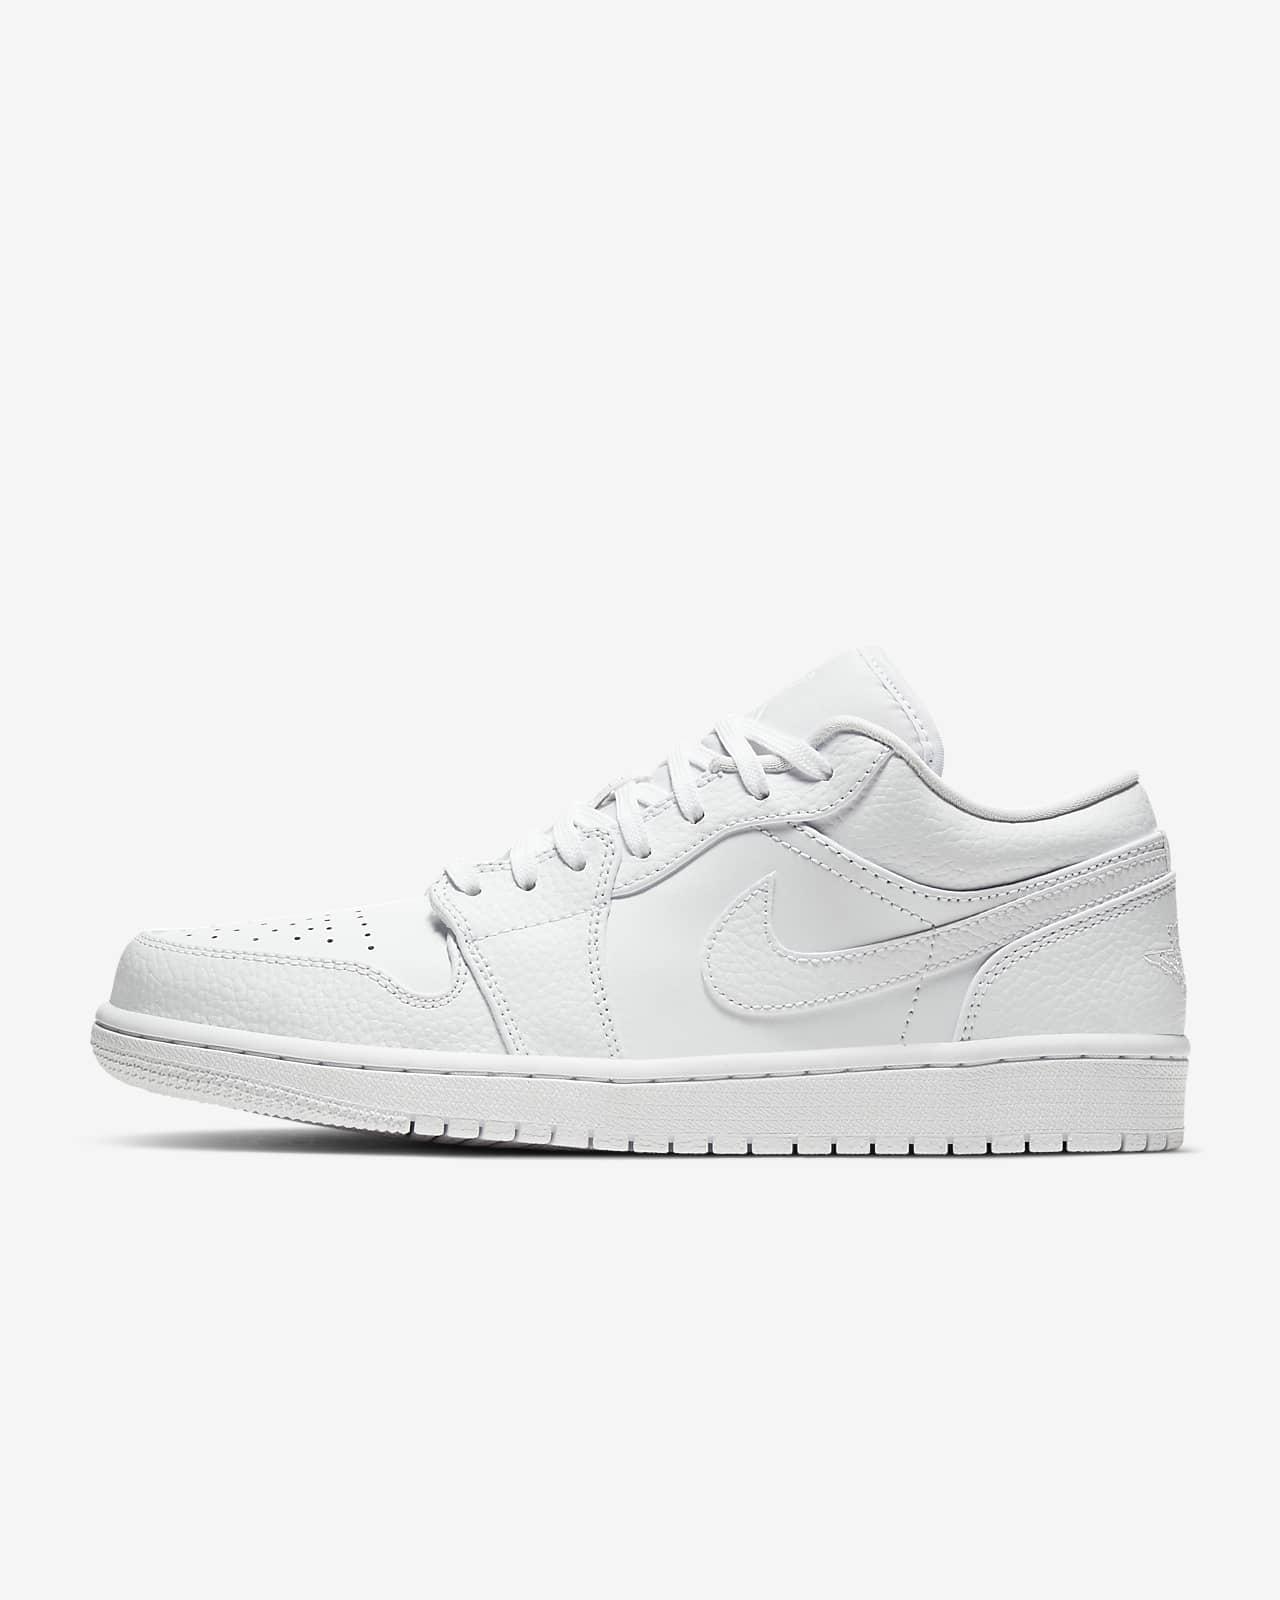 chaussures nike jordan 1